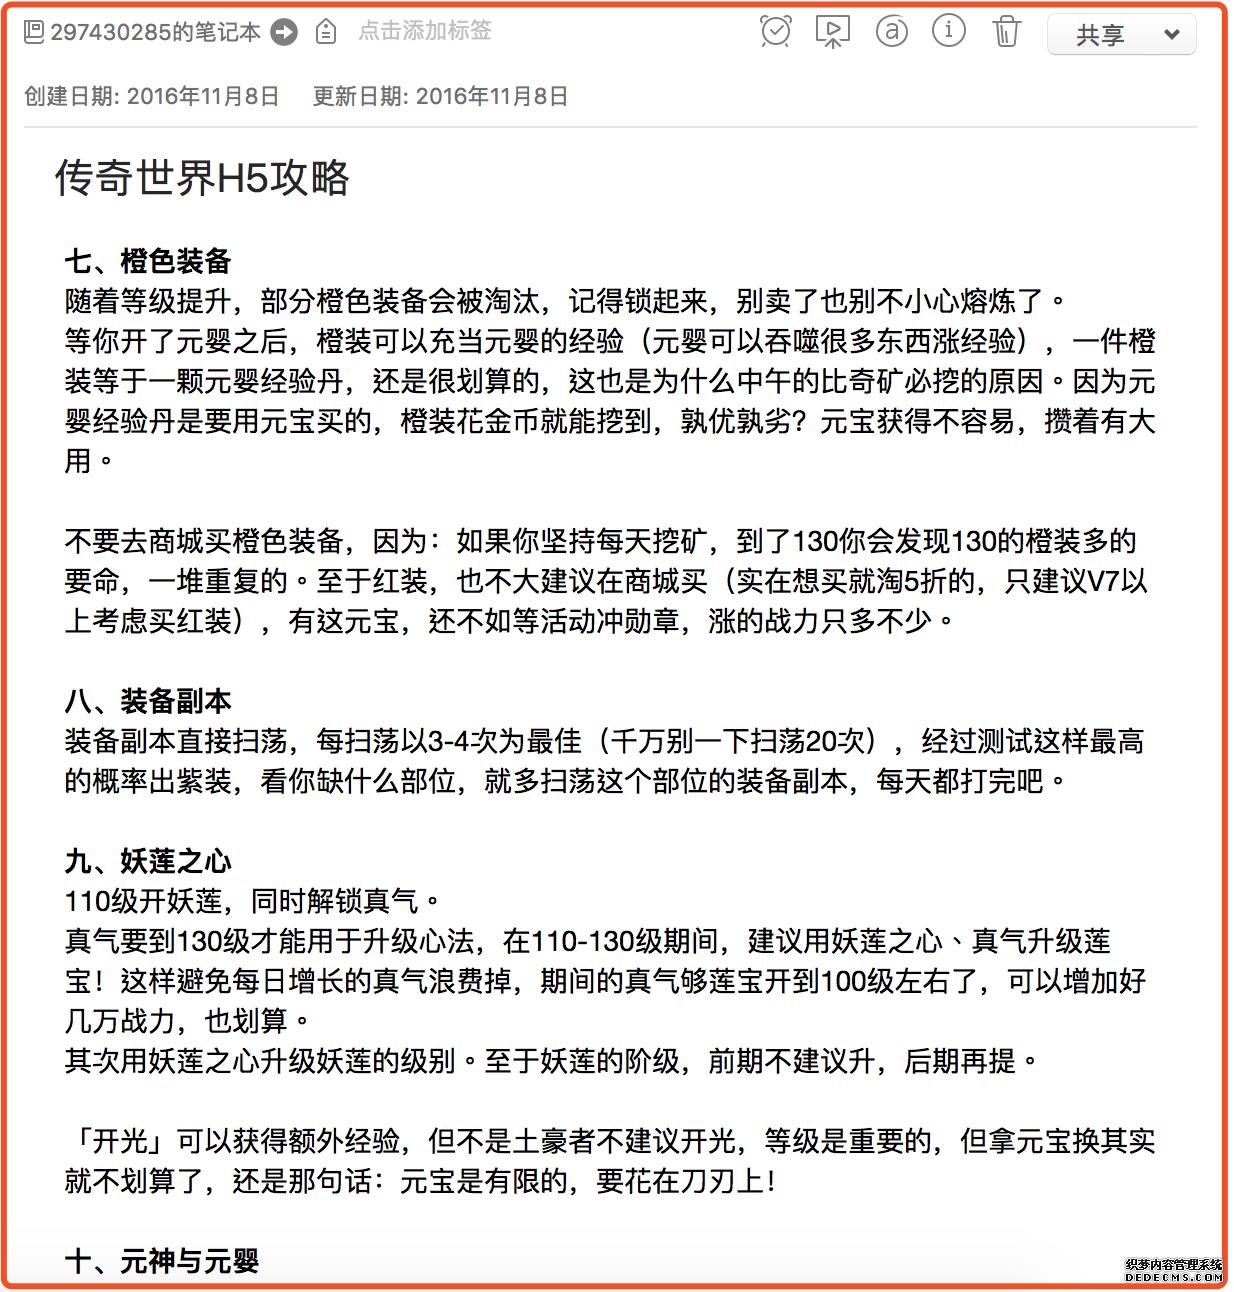 做个好产品:直播秀场与RMB页游